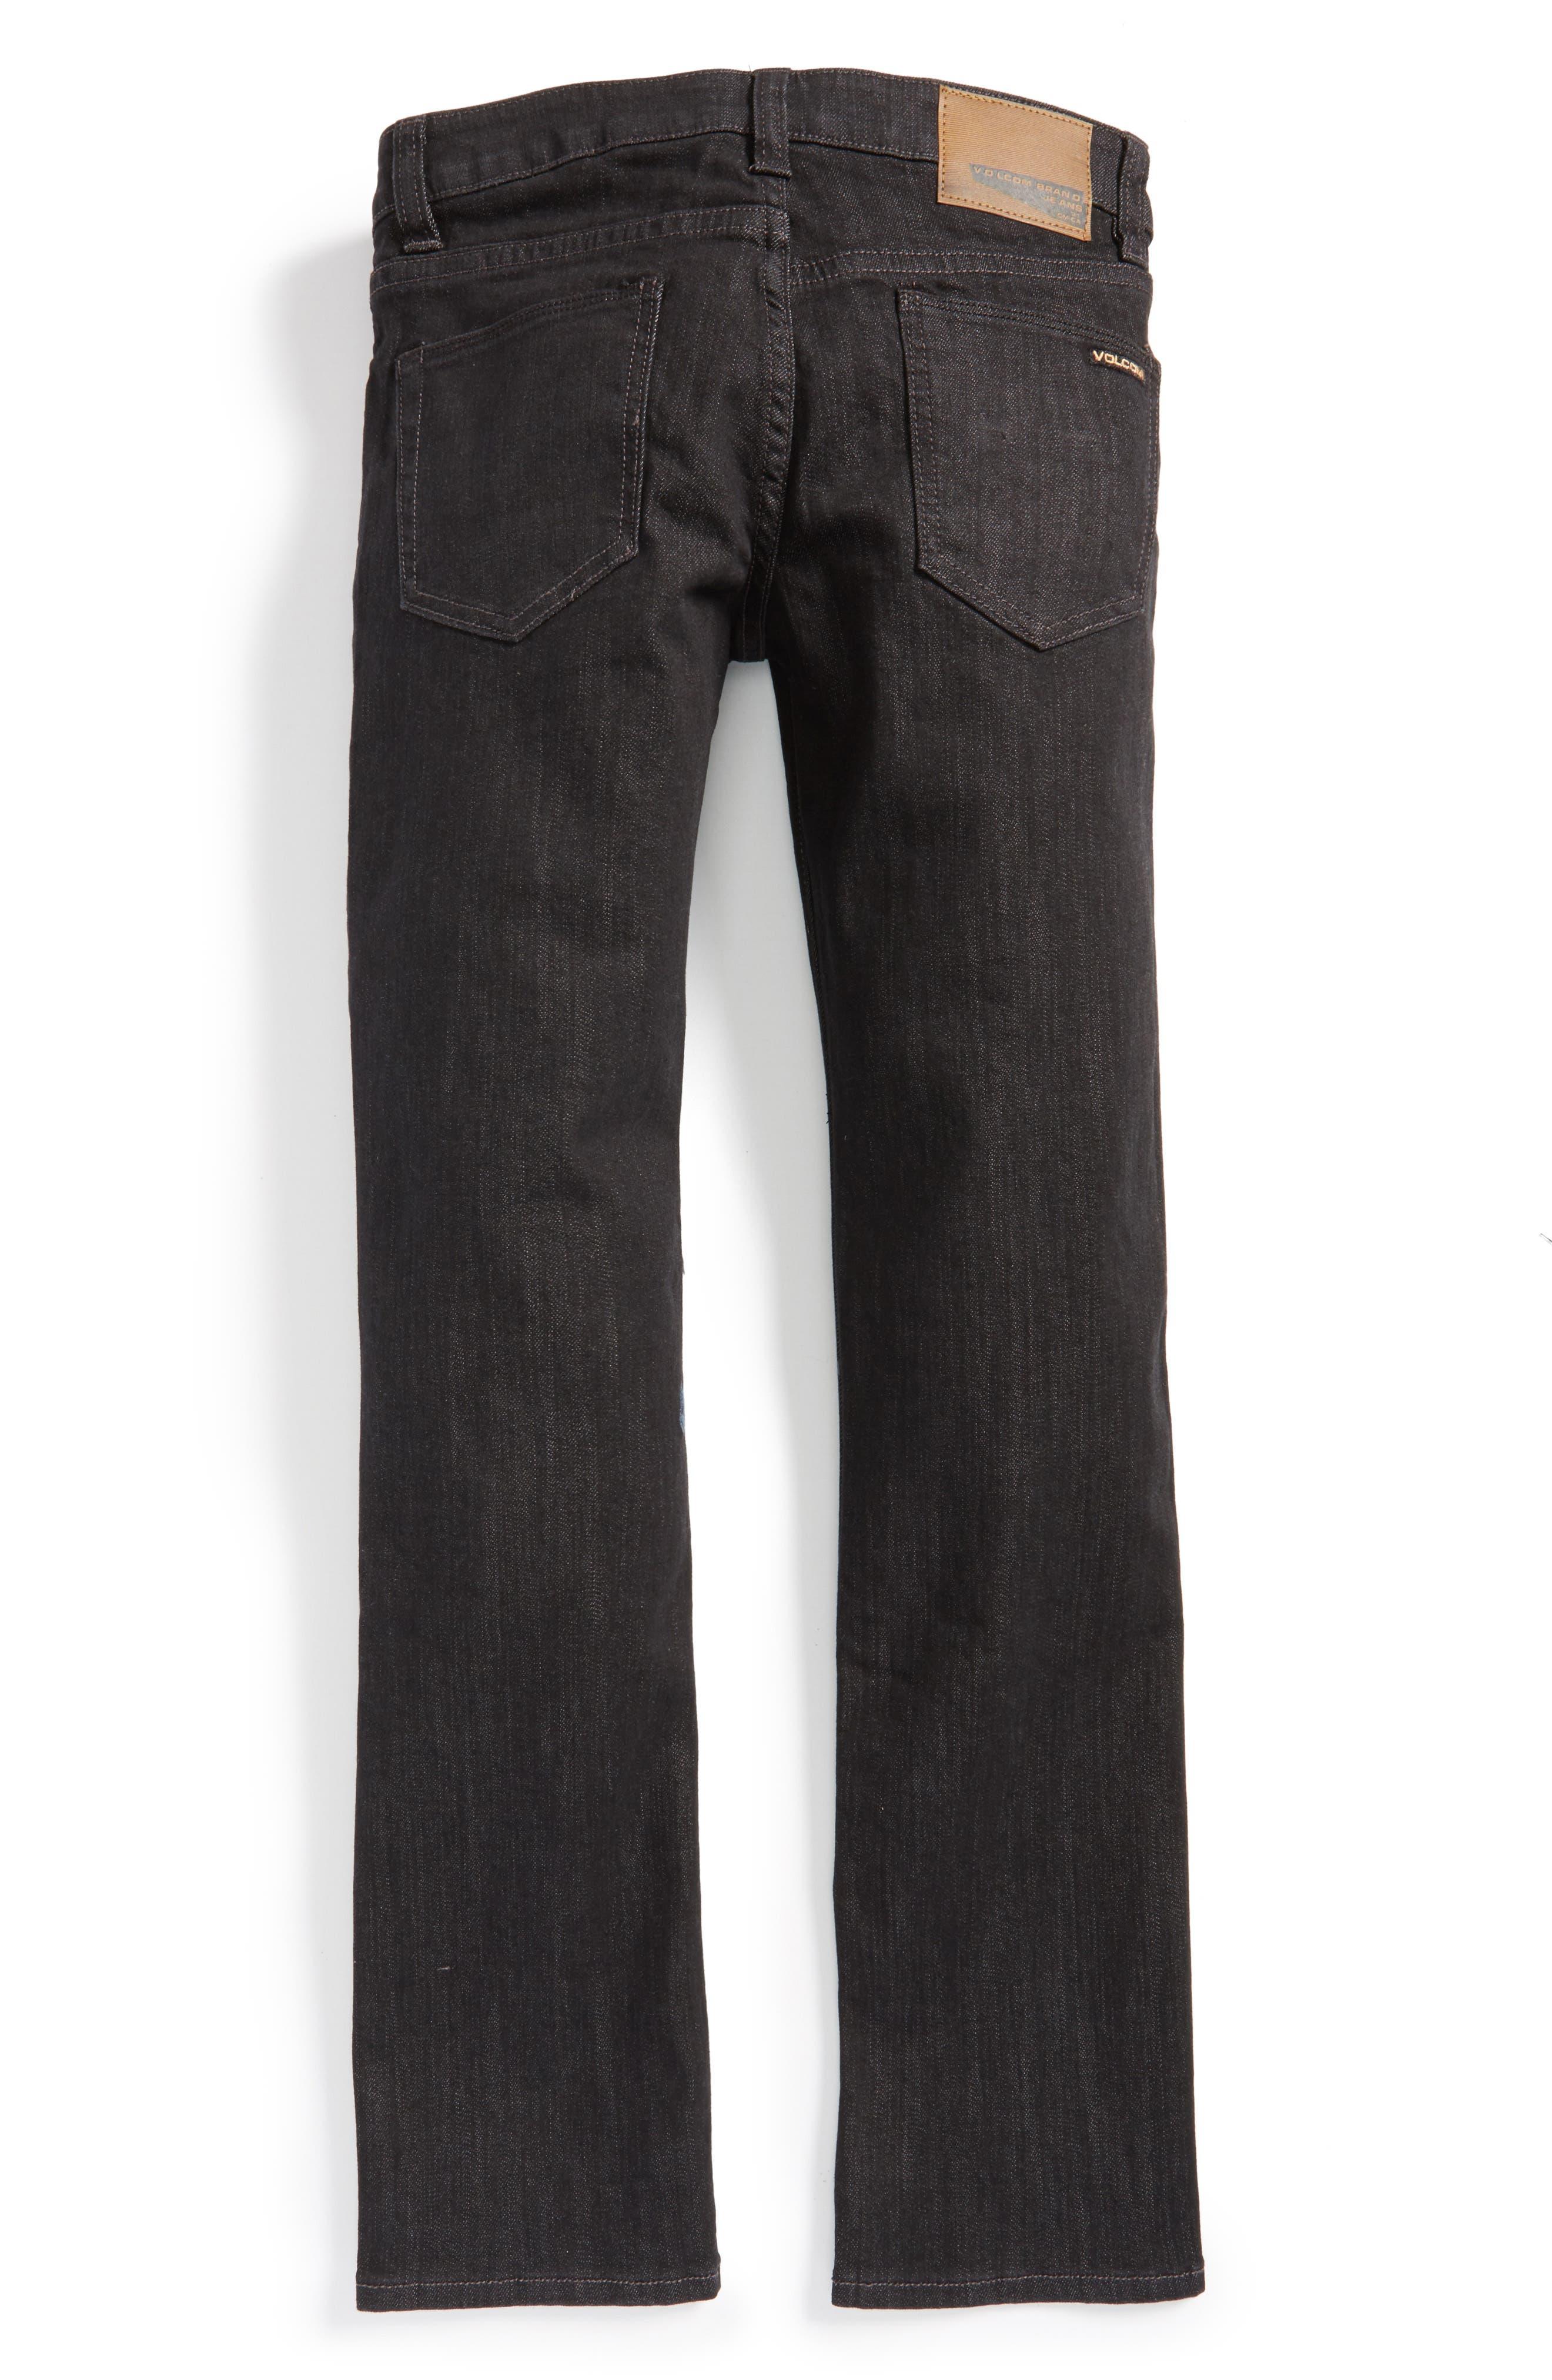 Vorta Slim Fit Jeans,                             Alternate thumbnail 3, color,                             005